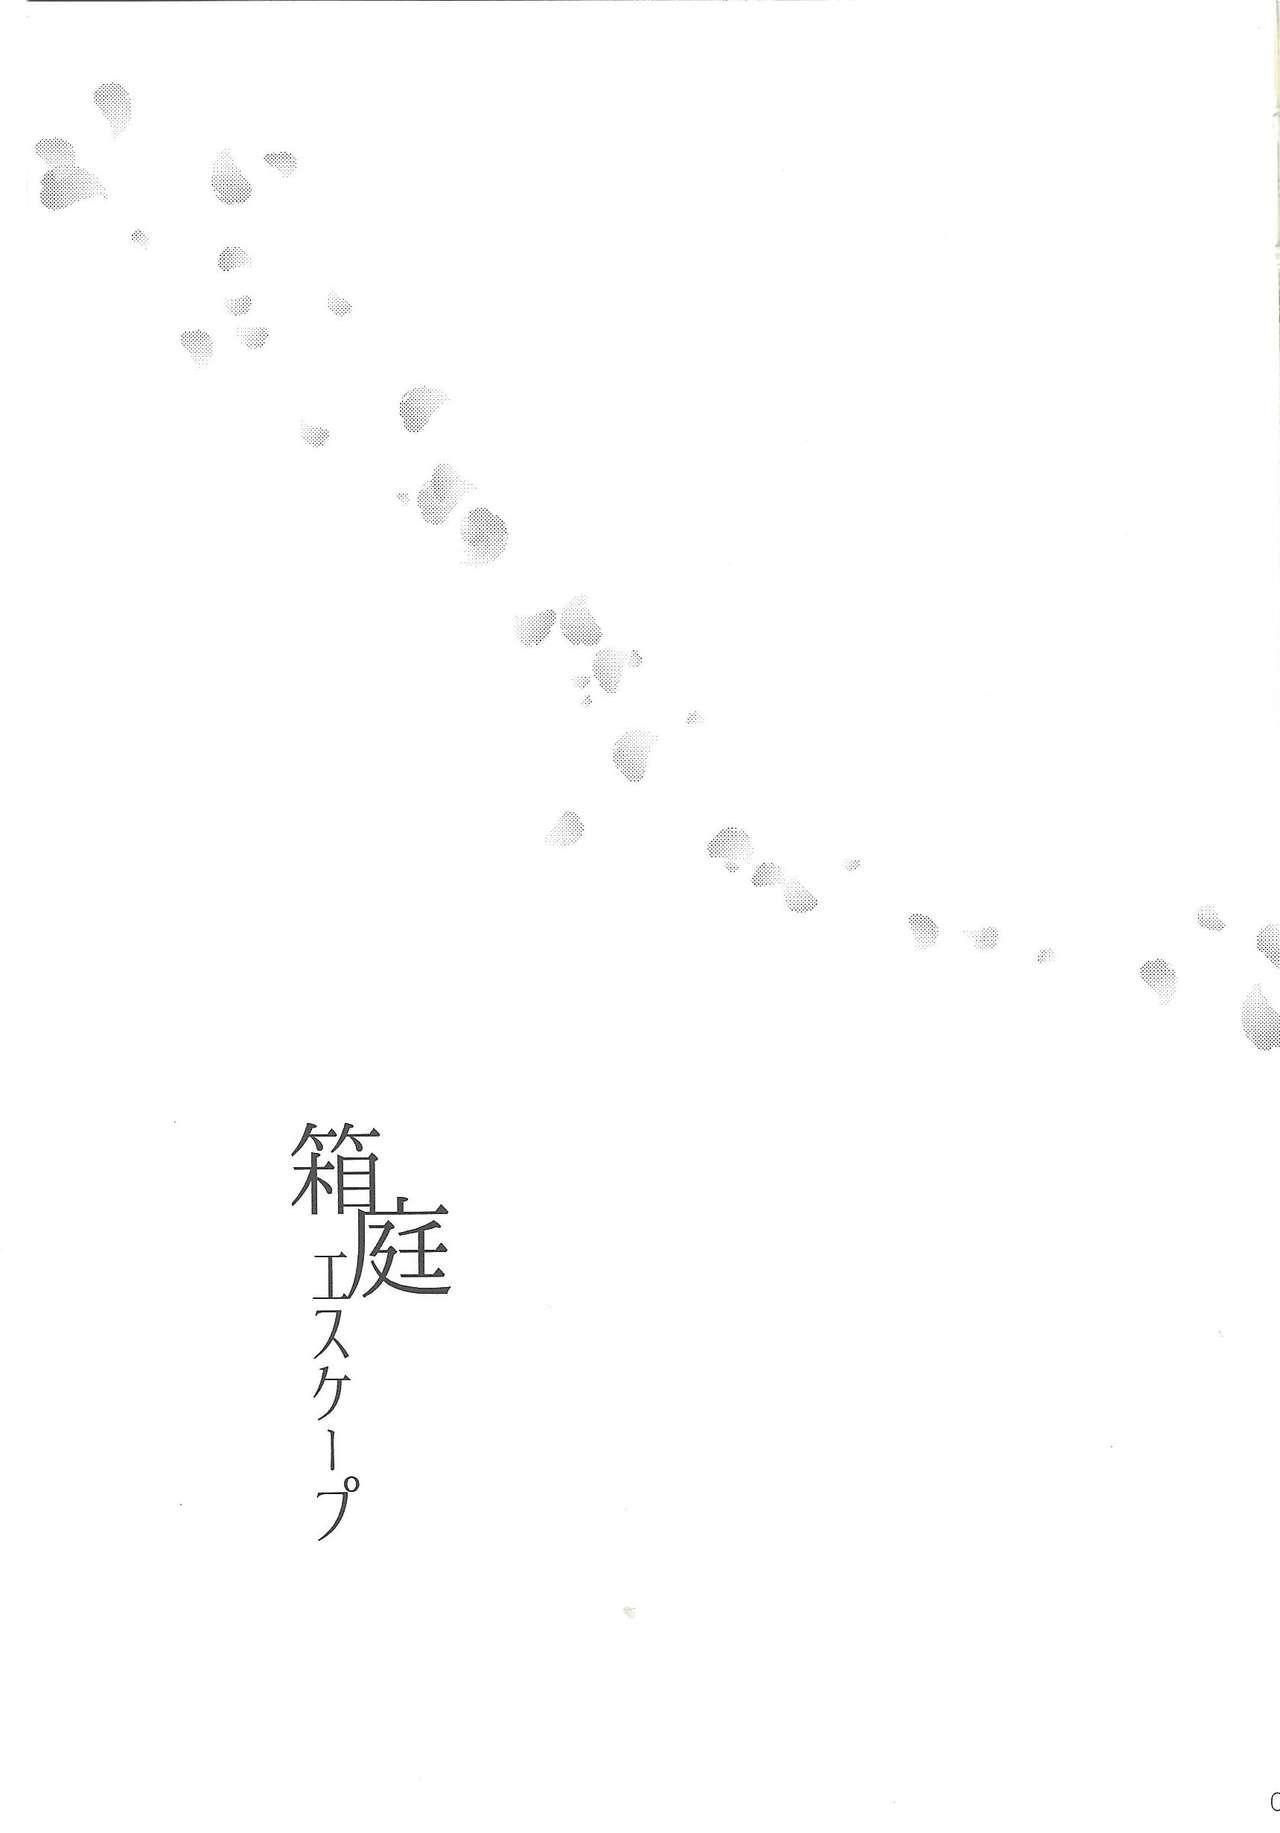 Hakoniwa Escape 1